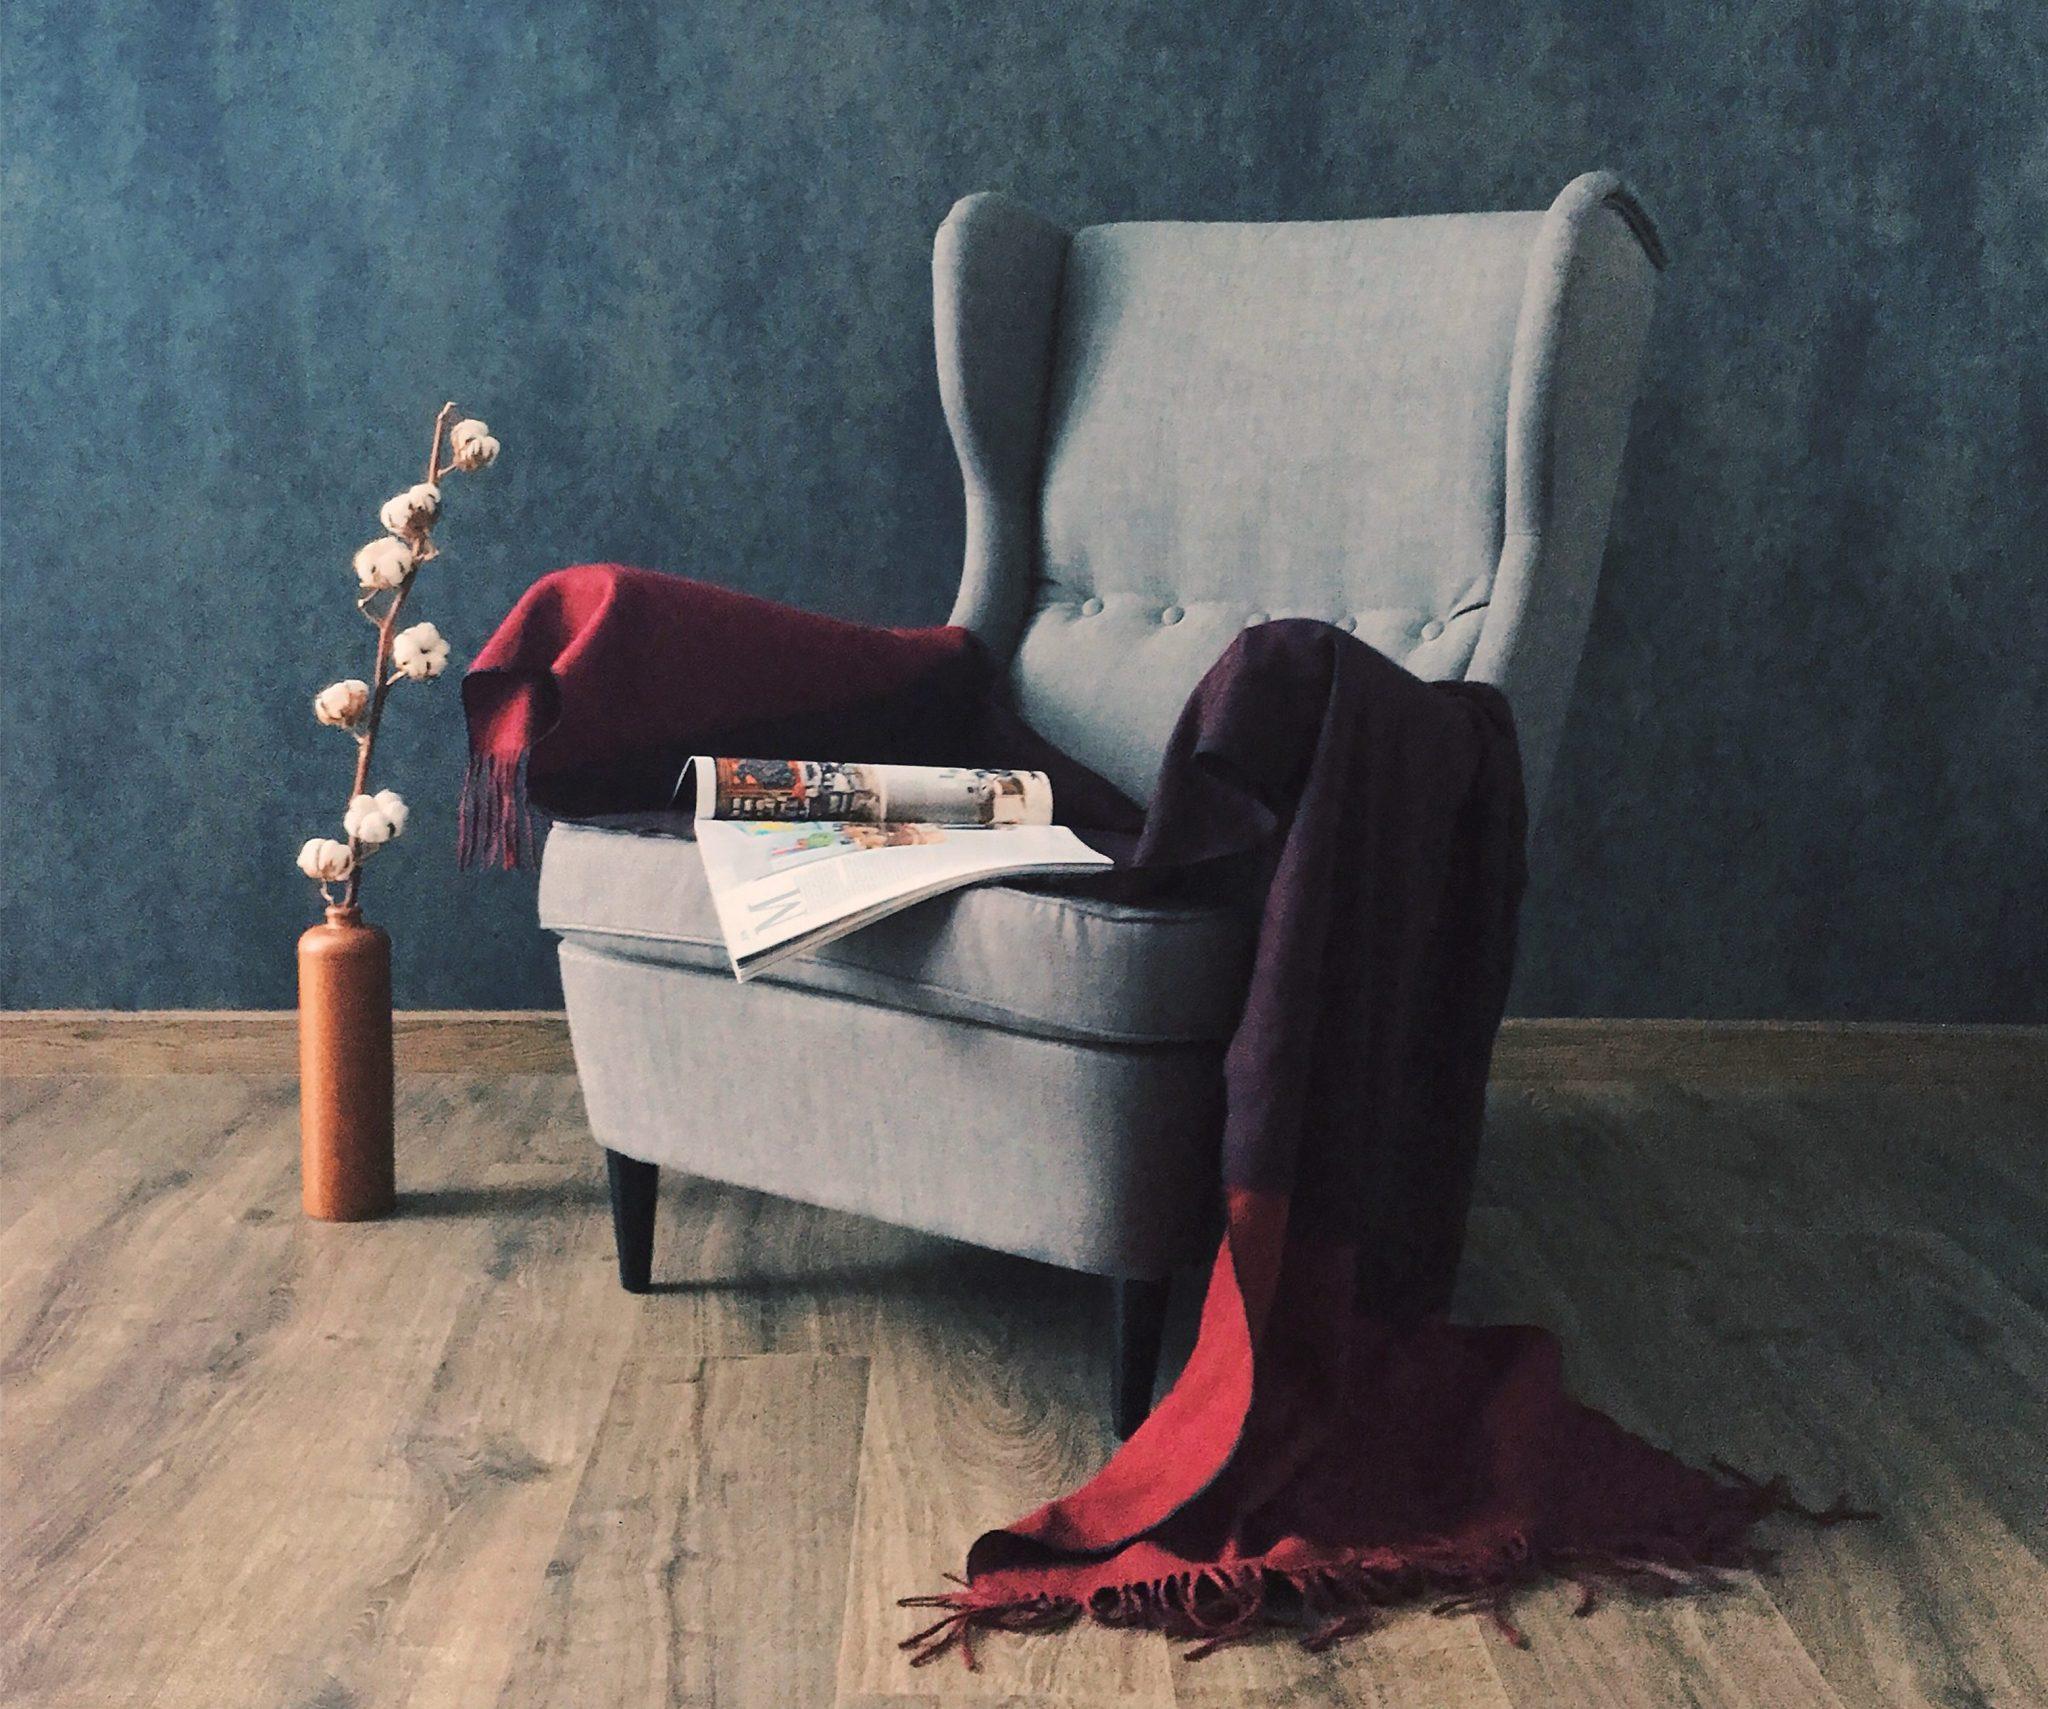 Szary, bardzo modny fotel w stylu ikea